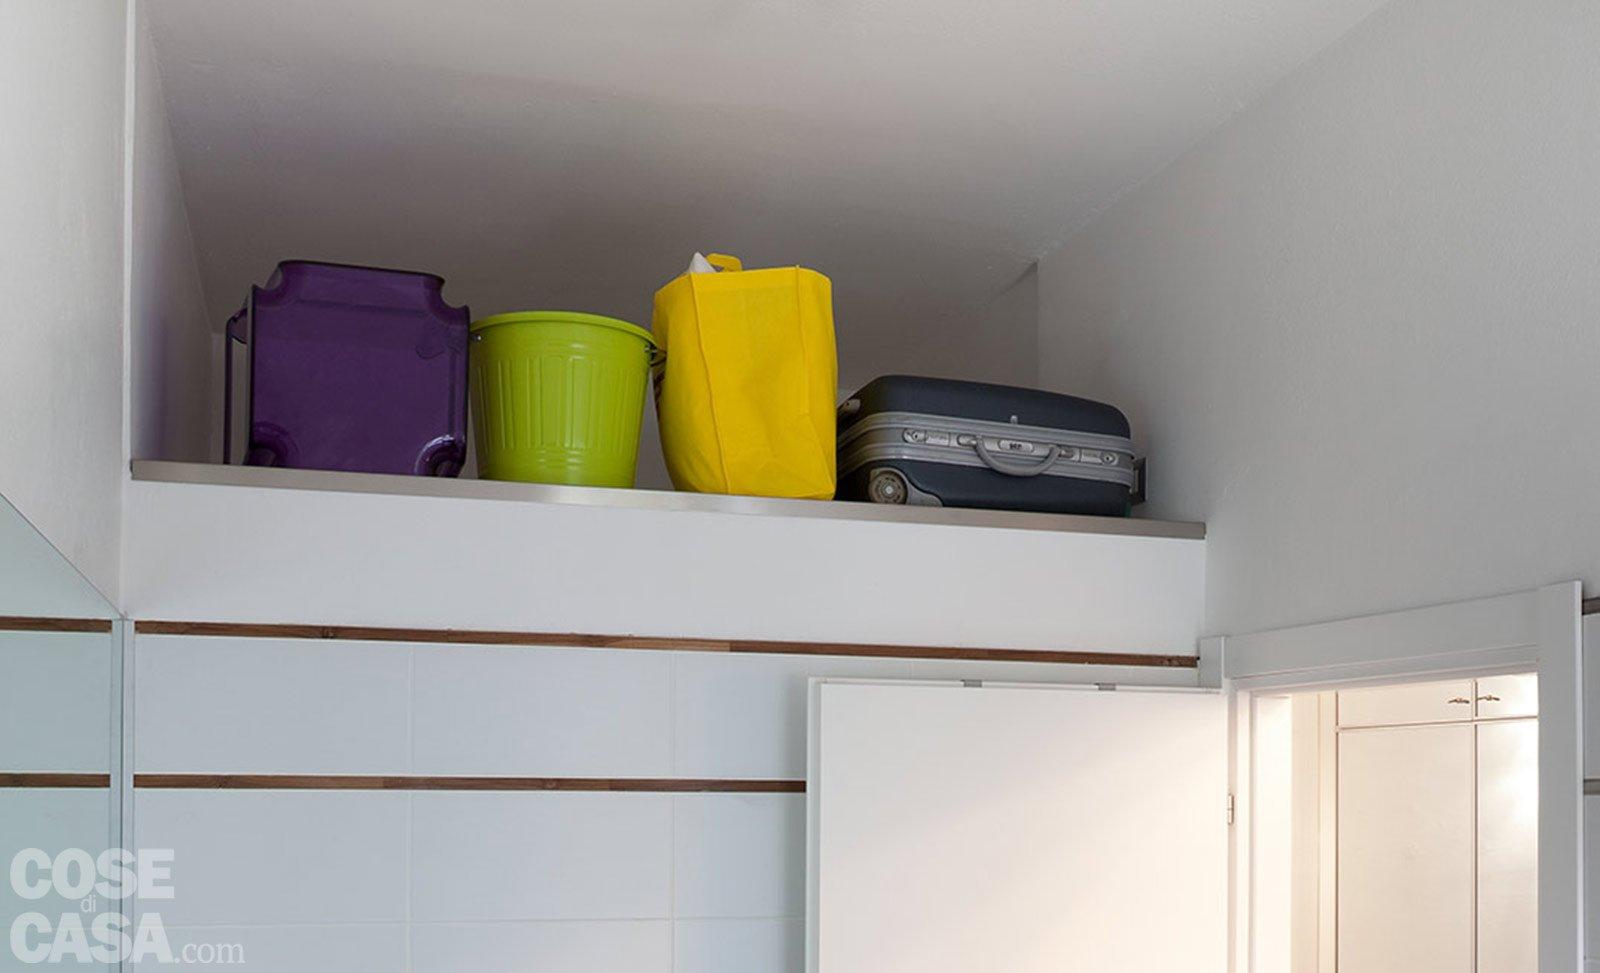 Una casa di 40 mq: monolocale con cucina separata